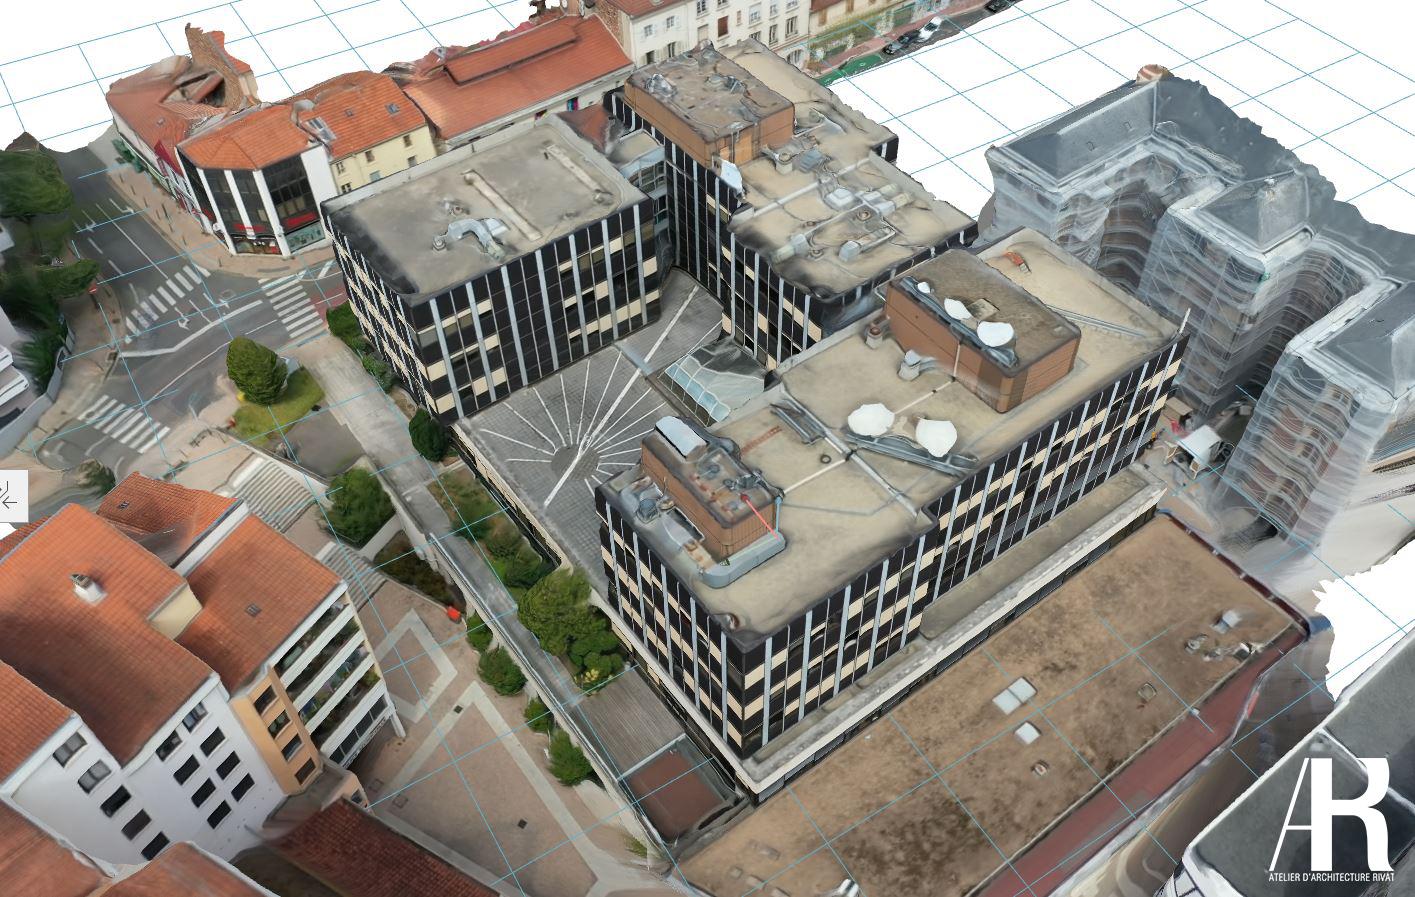 NOUVEAUTE : L'utilisation de la photogrammétrie par drone